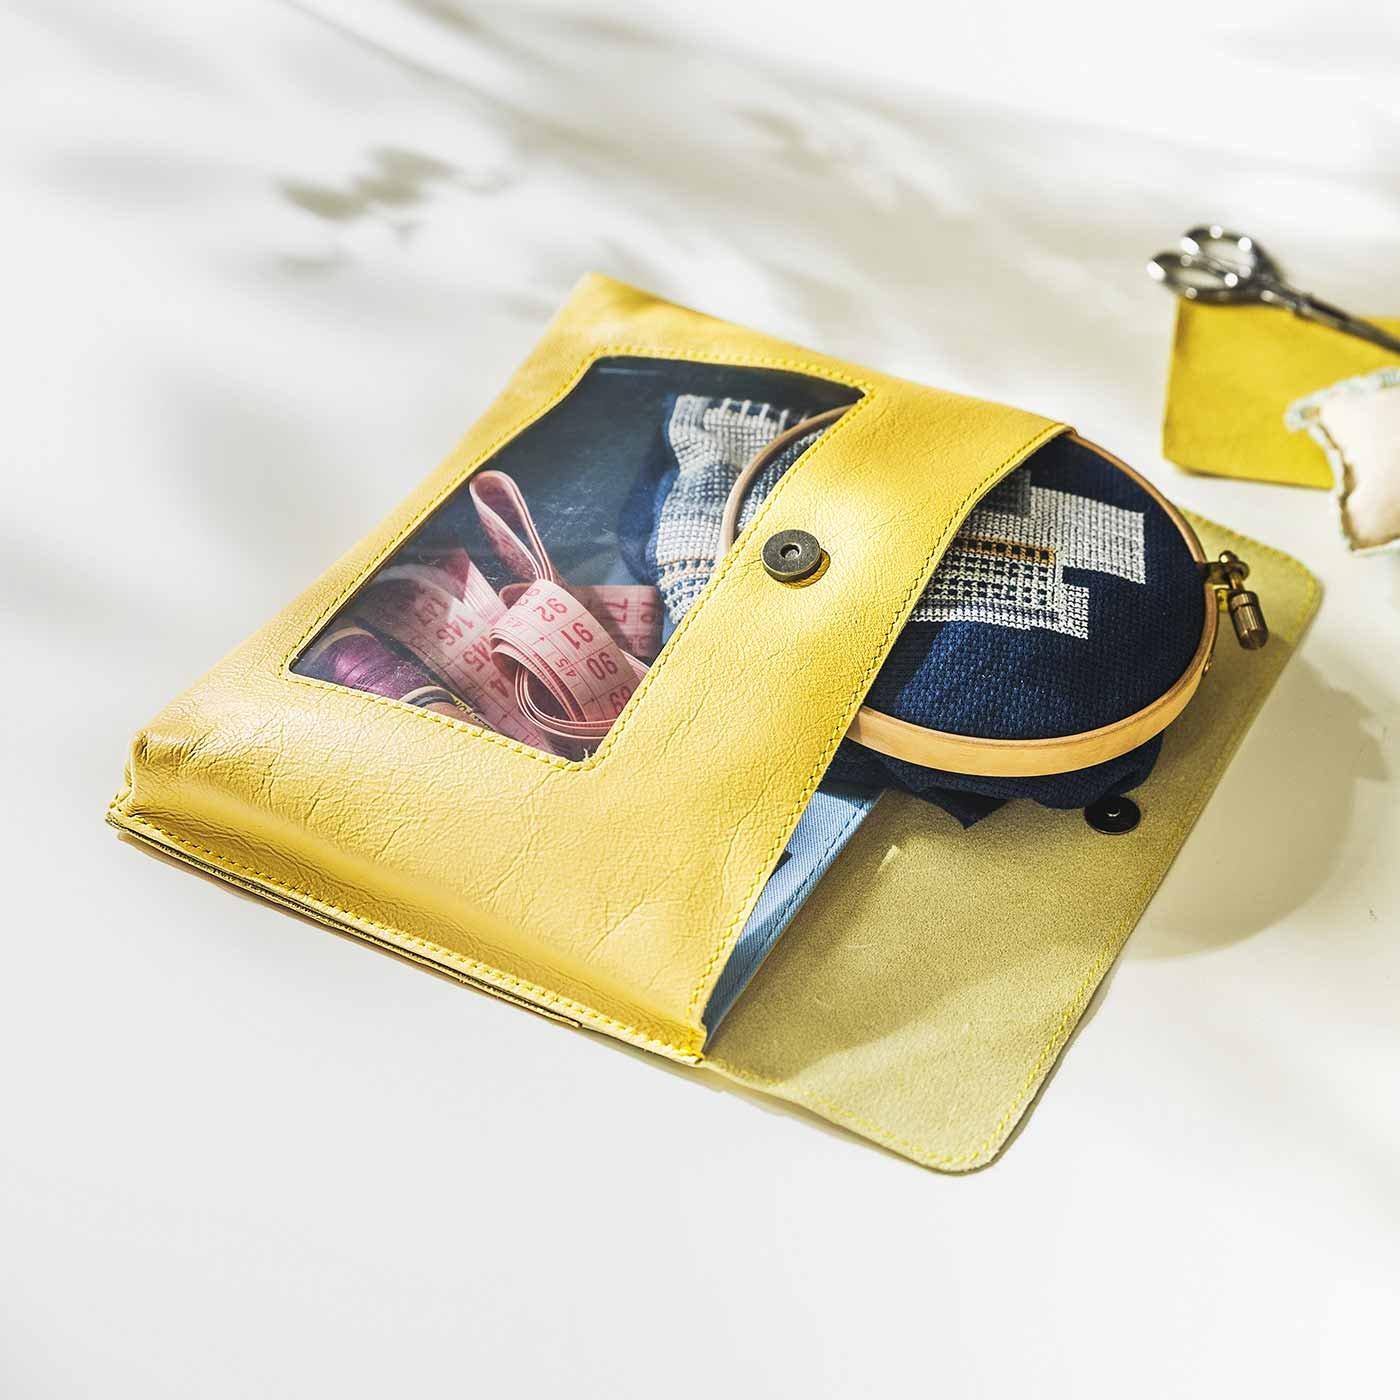 手芸プランナーと作った 職人本革のプロジェクトバッグ〈シトロン〉[本革 ポーチ:日本製]